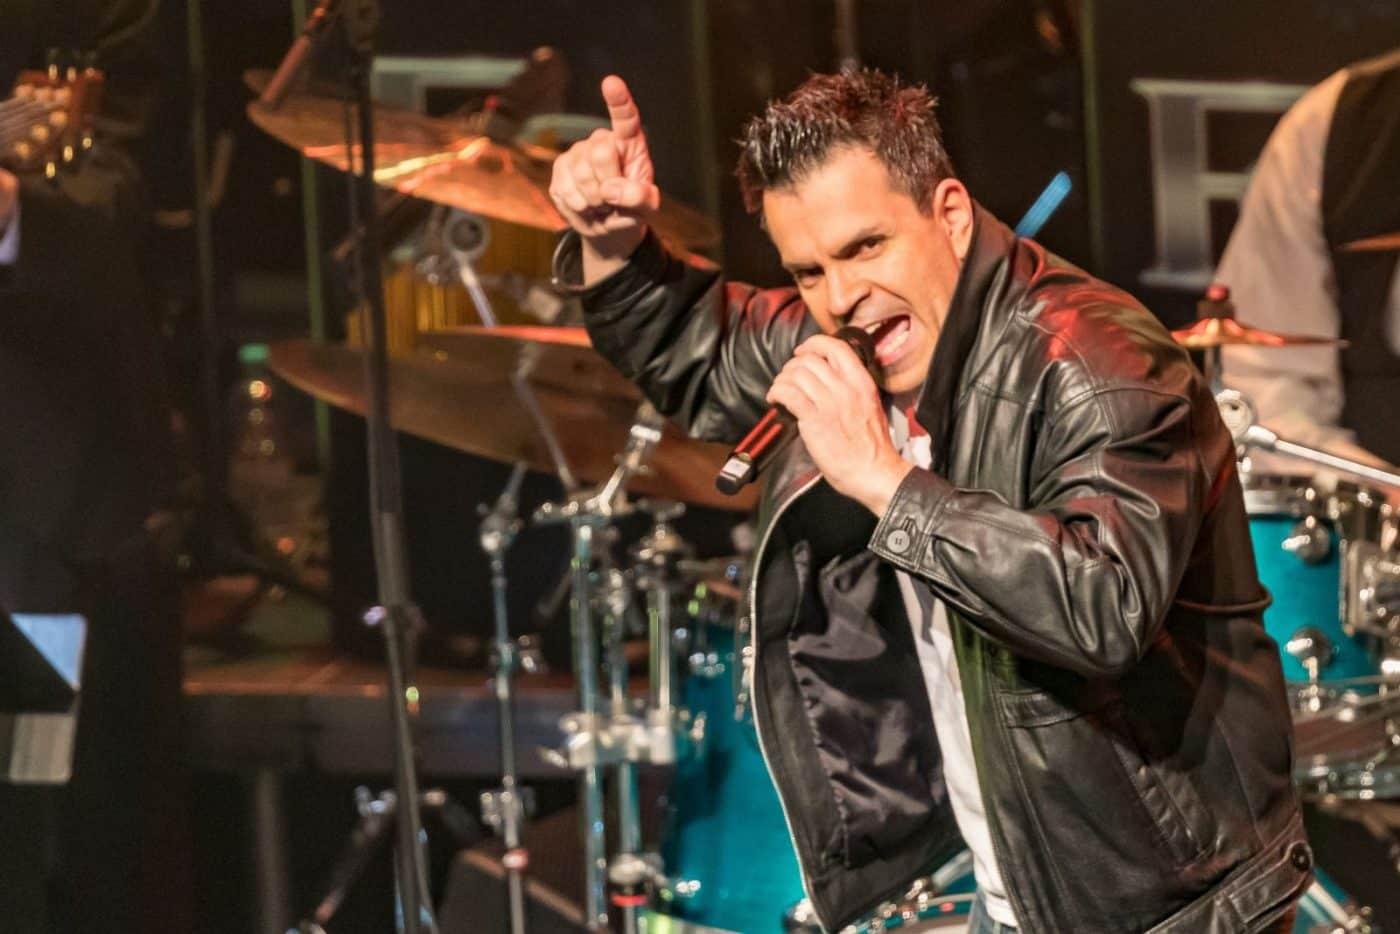 Mit Lederjacke und Rockmusik performen Sandro Luzzu und die Bigband STEINBACH.